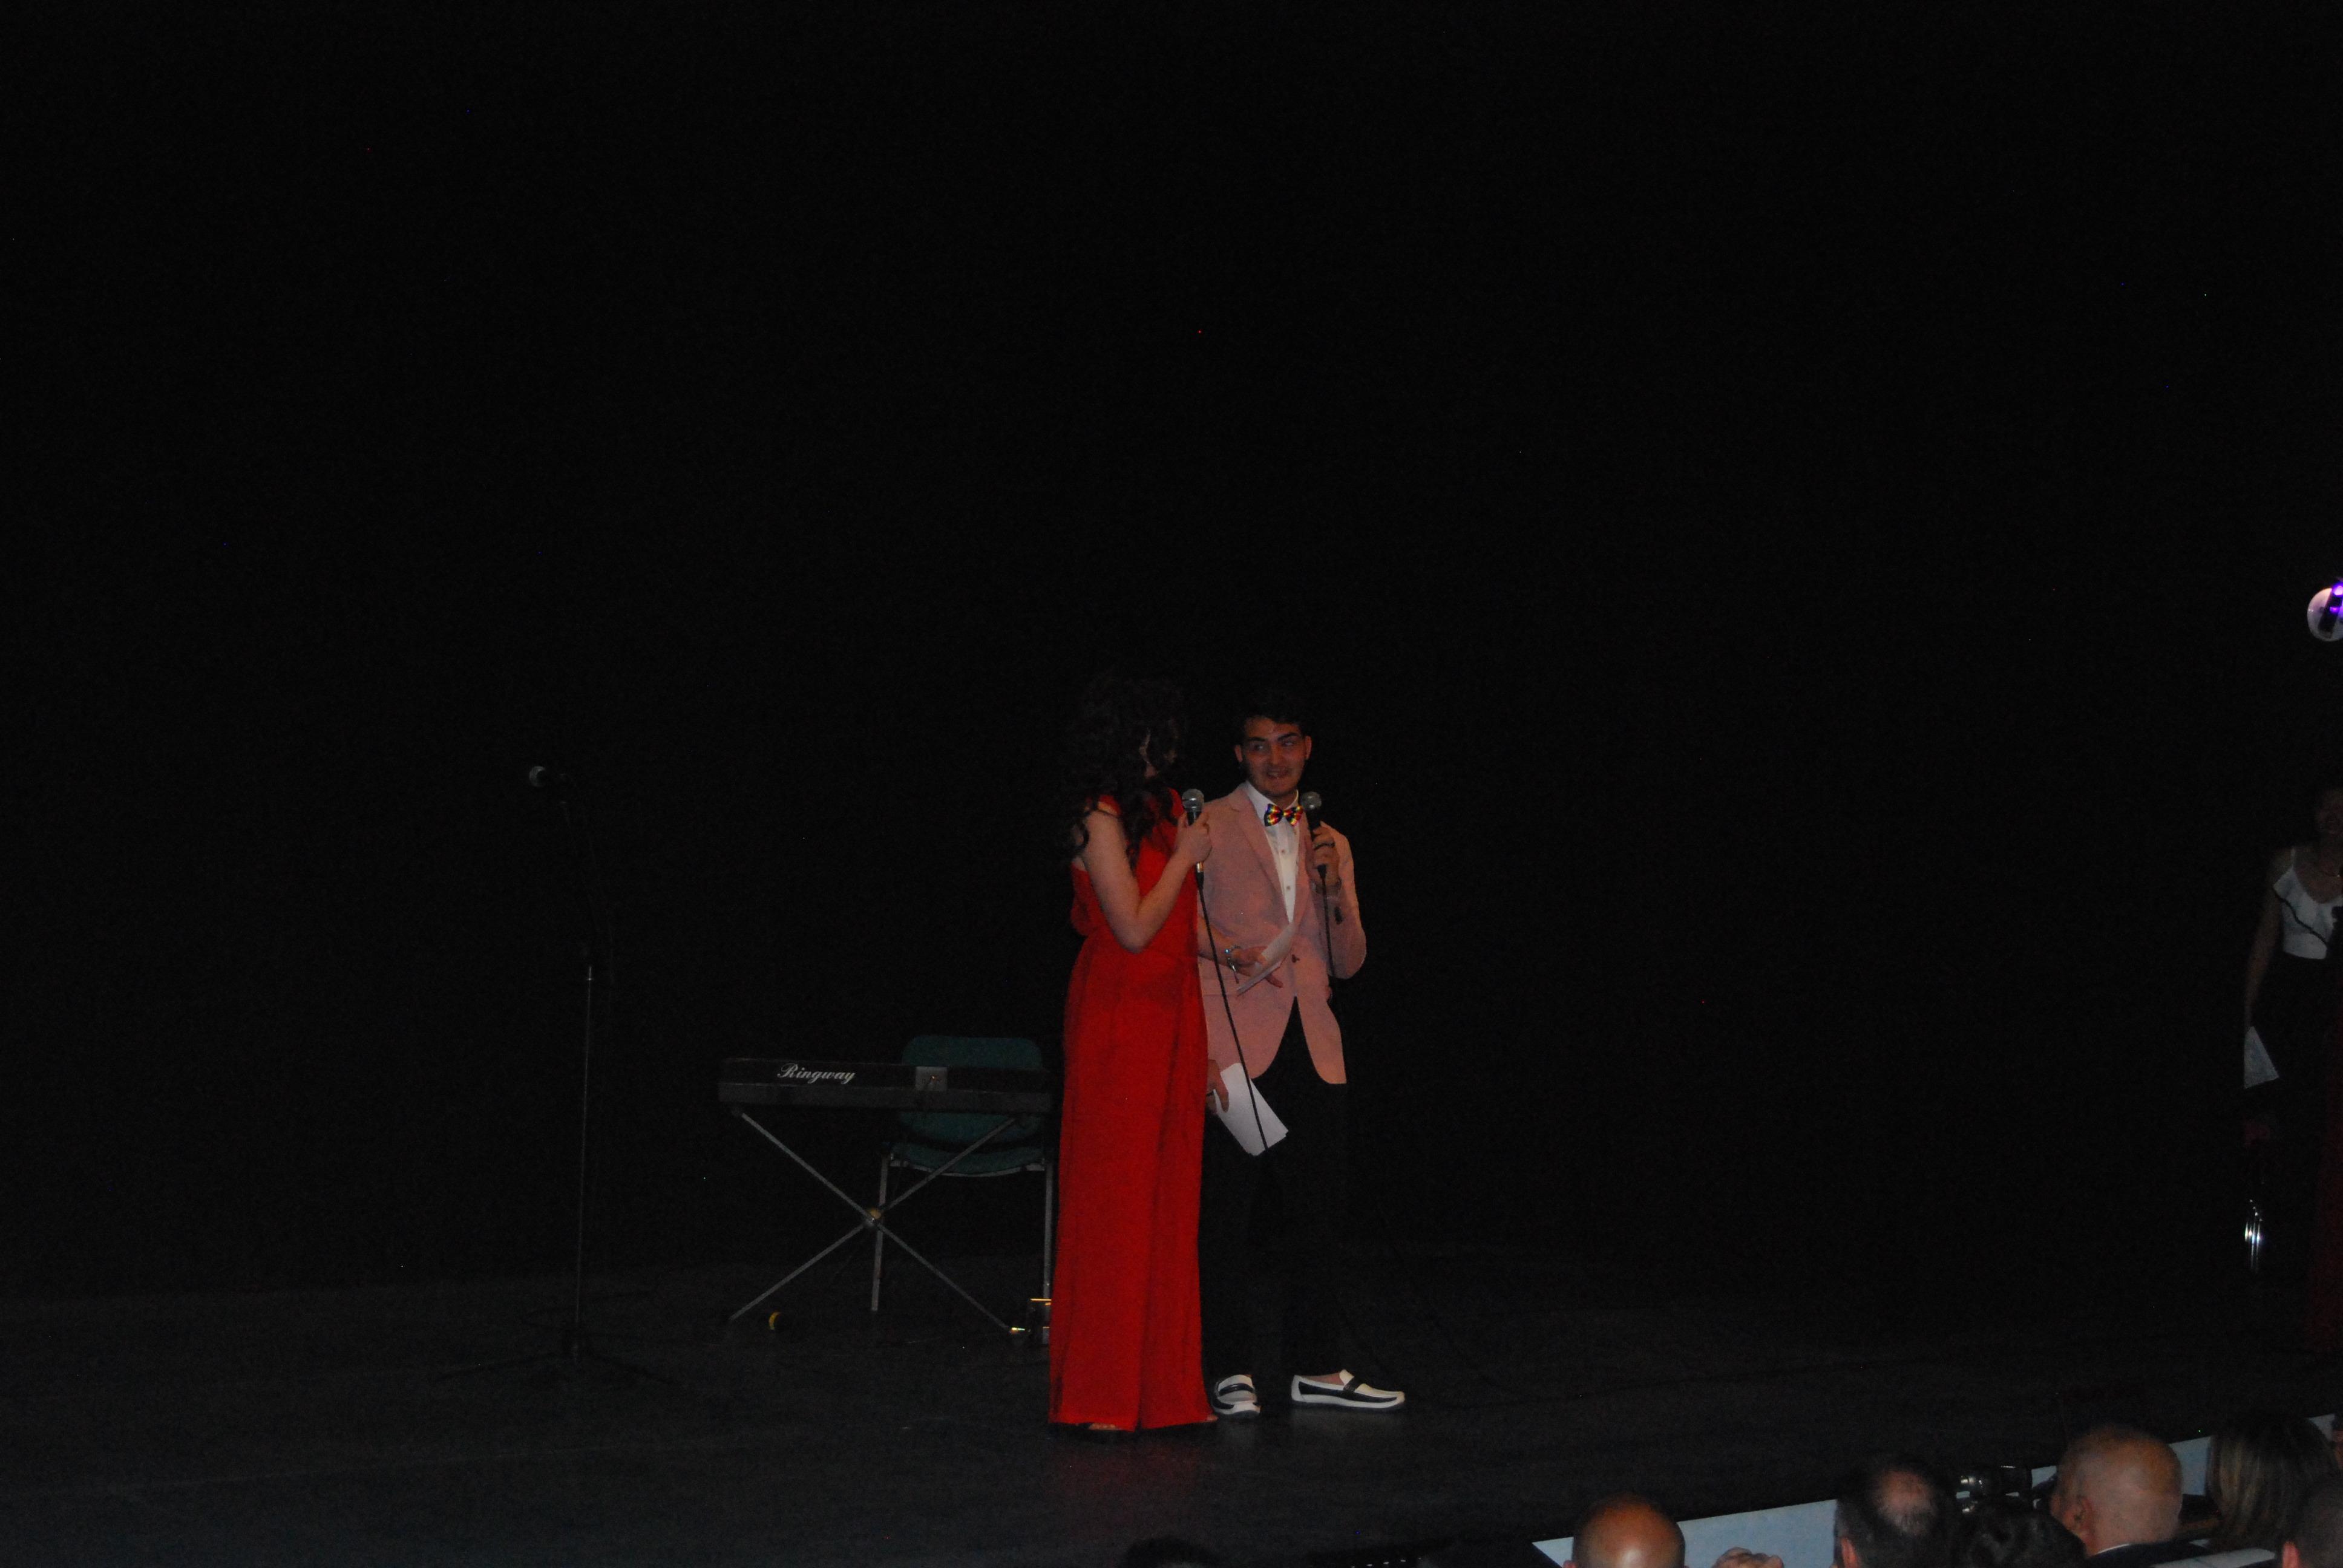 Graduación - 2º Bachillerato - Curso 2017/18 - Álbum # 2